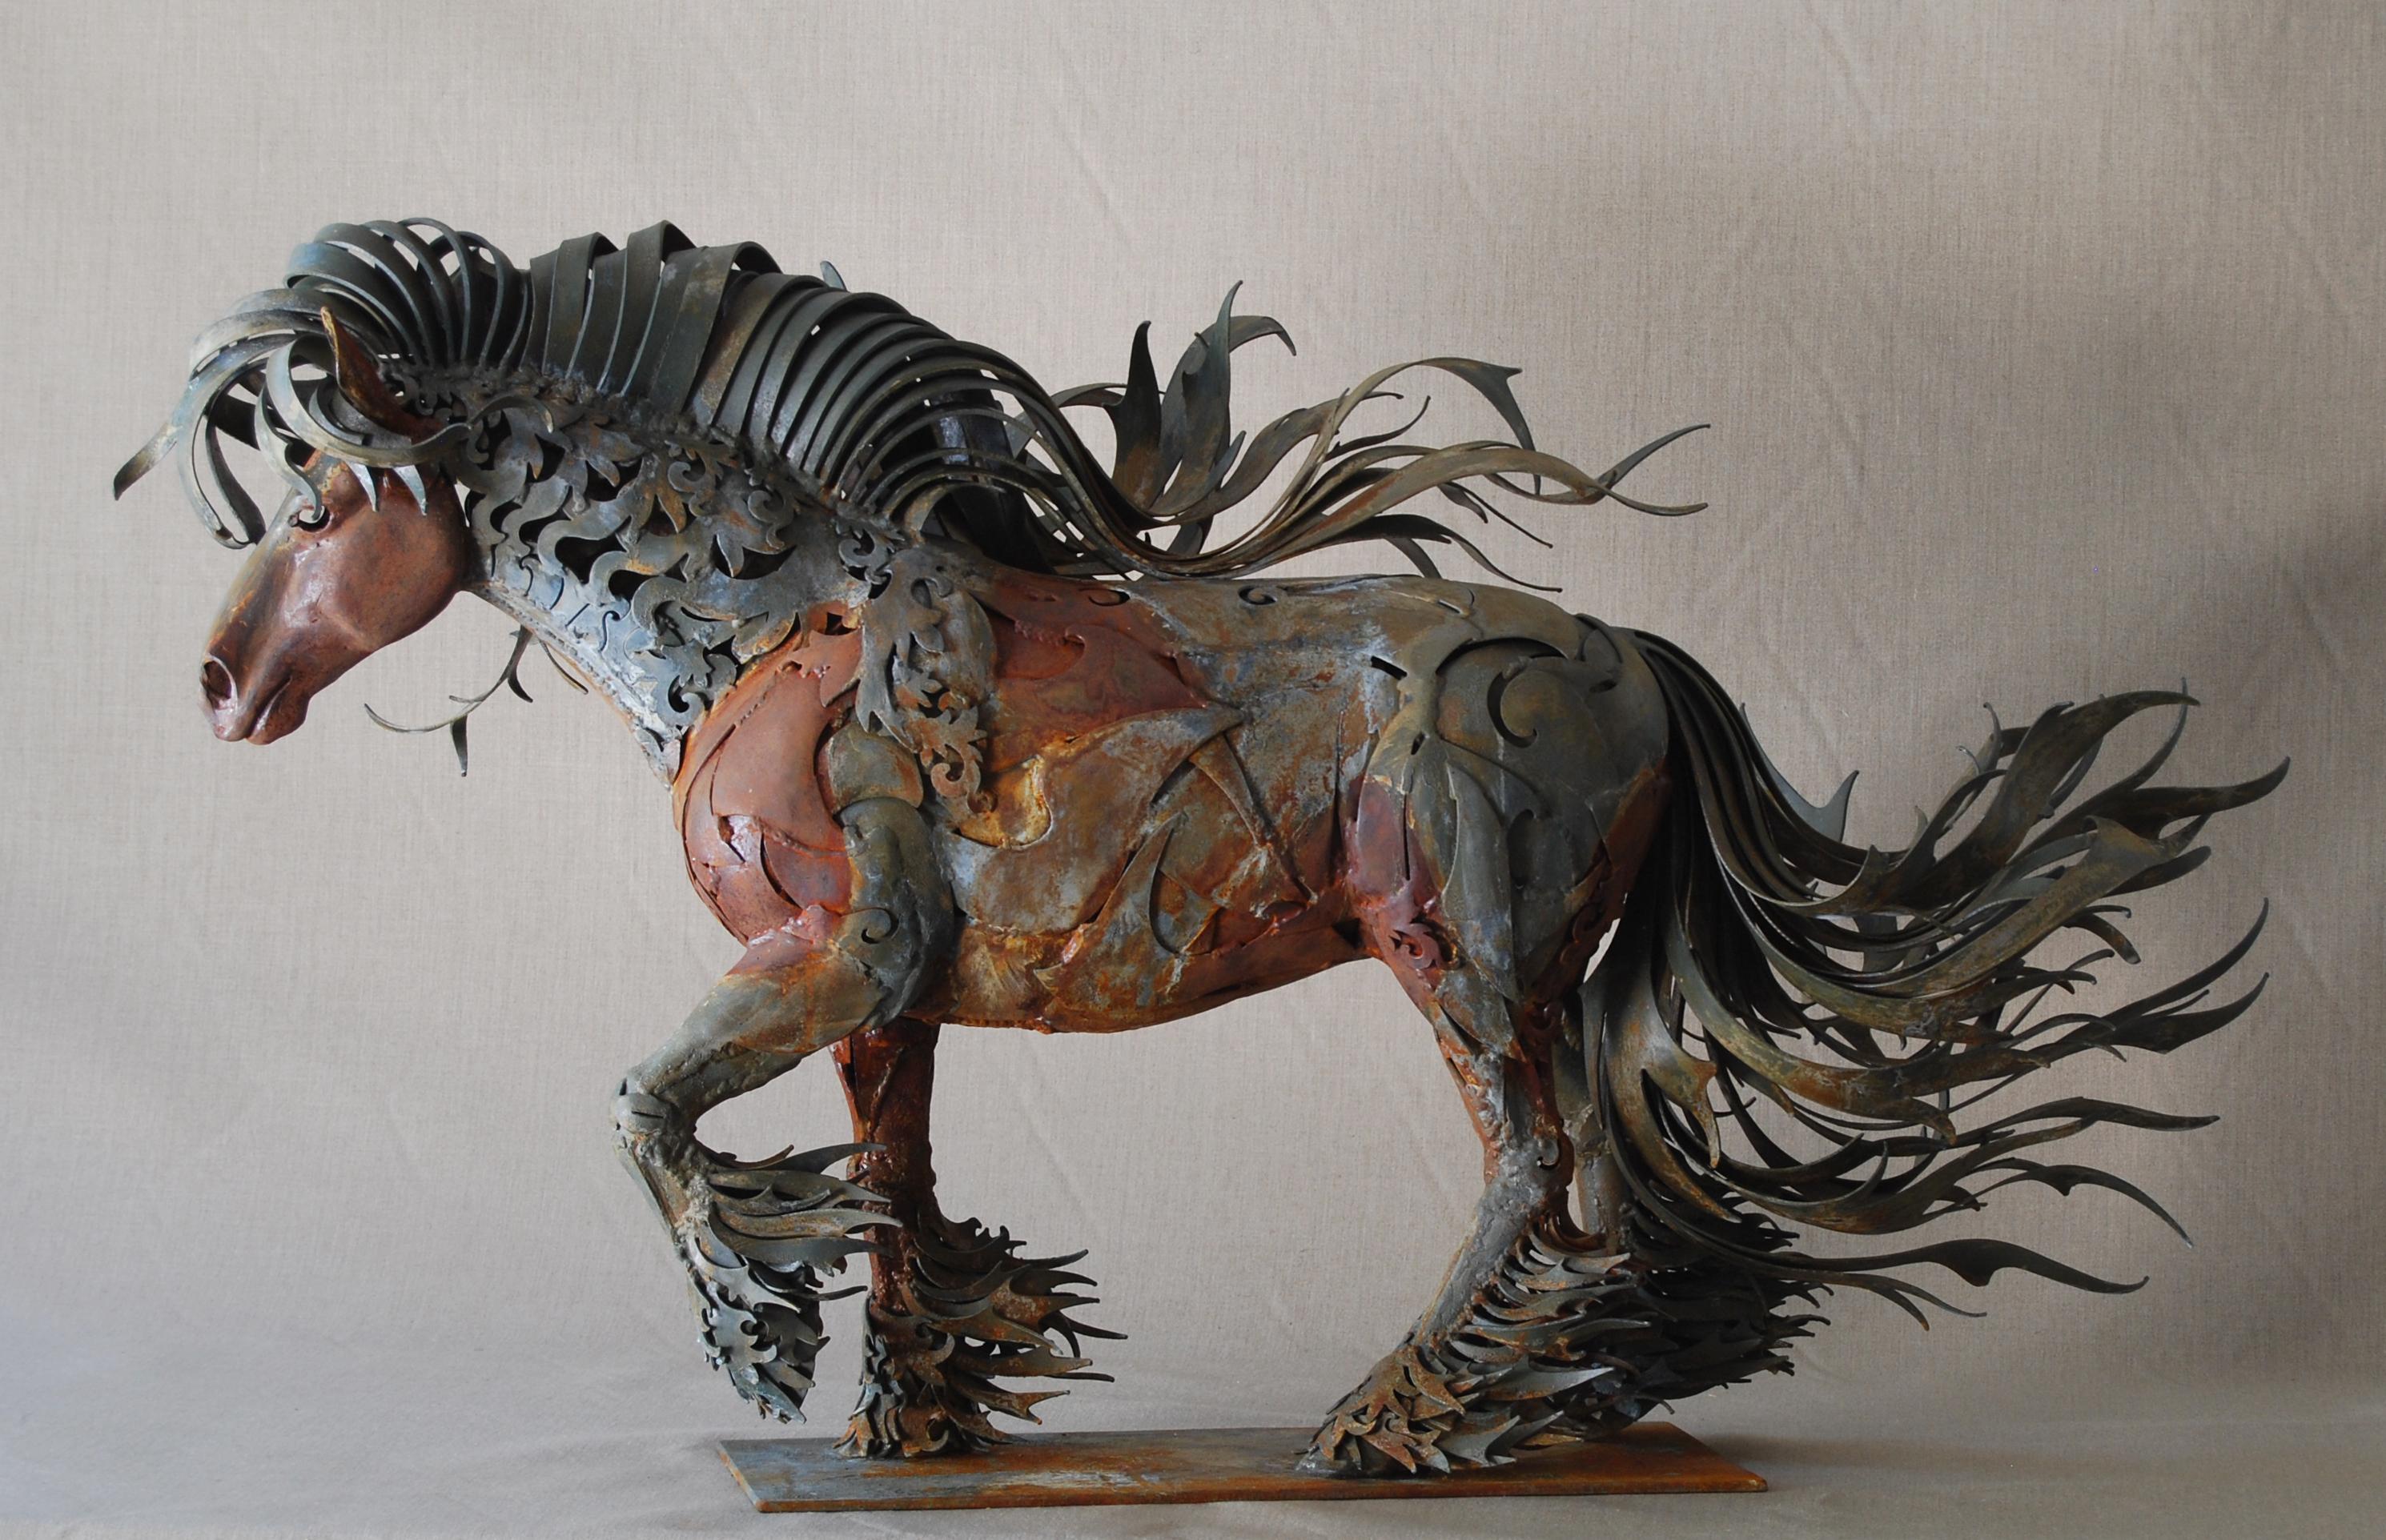 gypsy-vanner-horse-sculpture-doug-hays